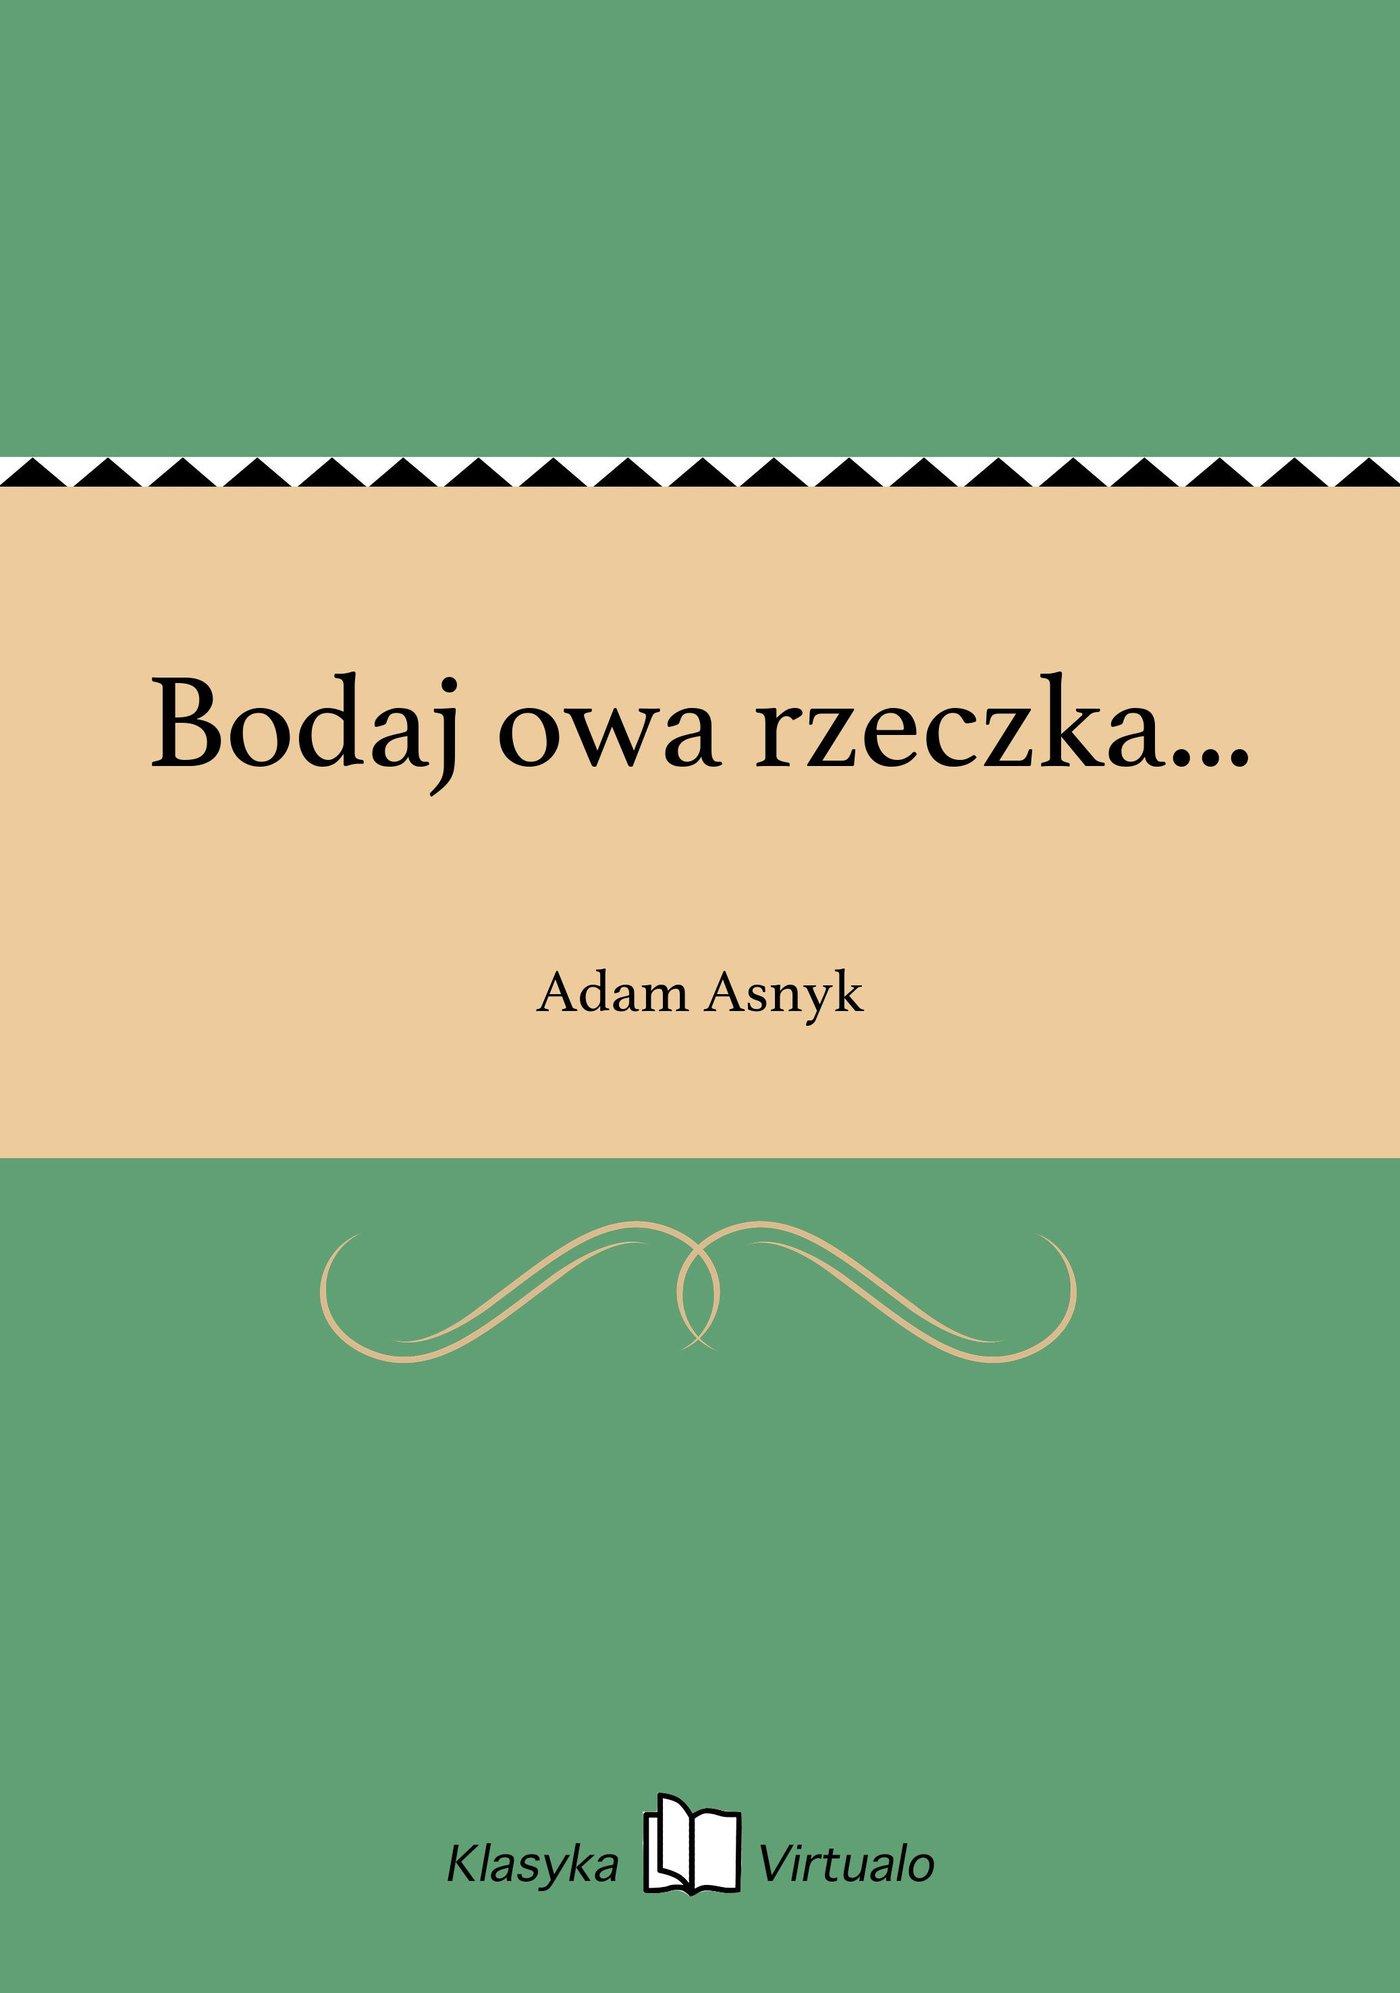 Bodaj owa rzeczka... - Ebook (Książka na Kindle) do pobrania w formacie MOBI